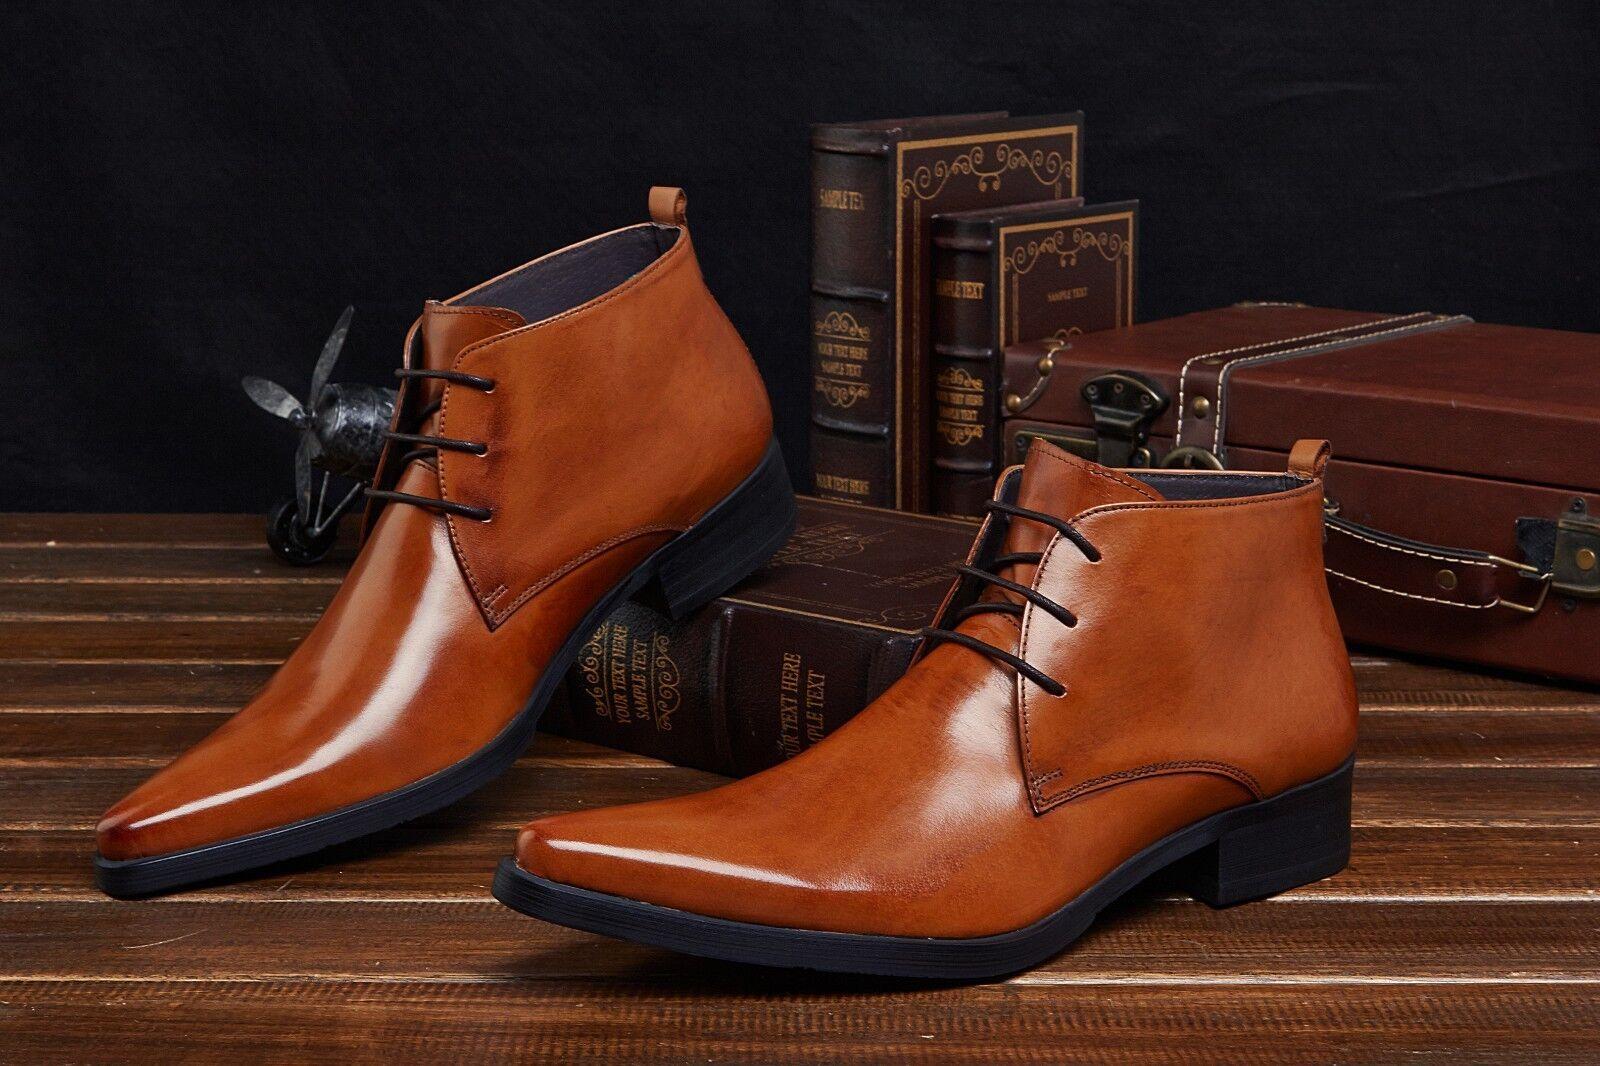 Nuevo Para Hombre De Cuero Real Botines formal Zapatos Con Encaje Negro Marrón h83870